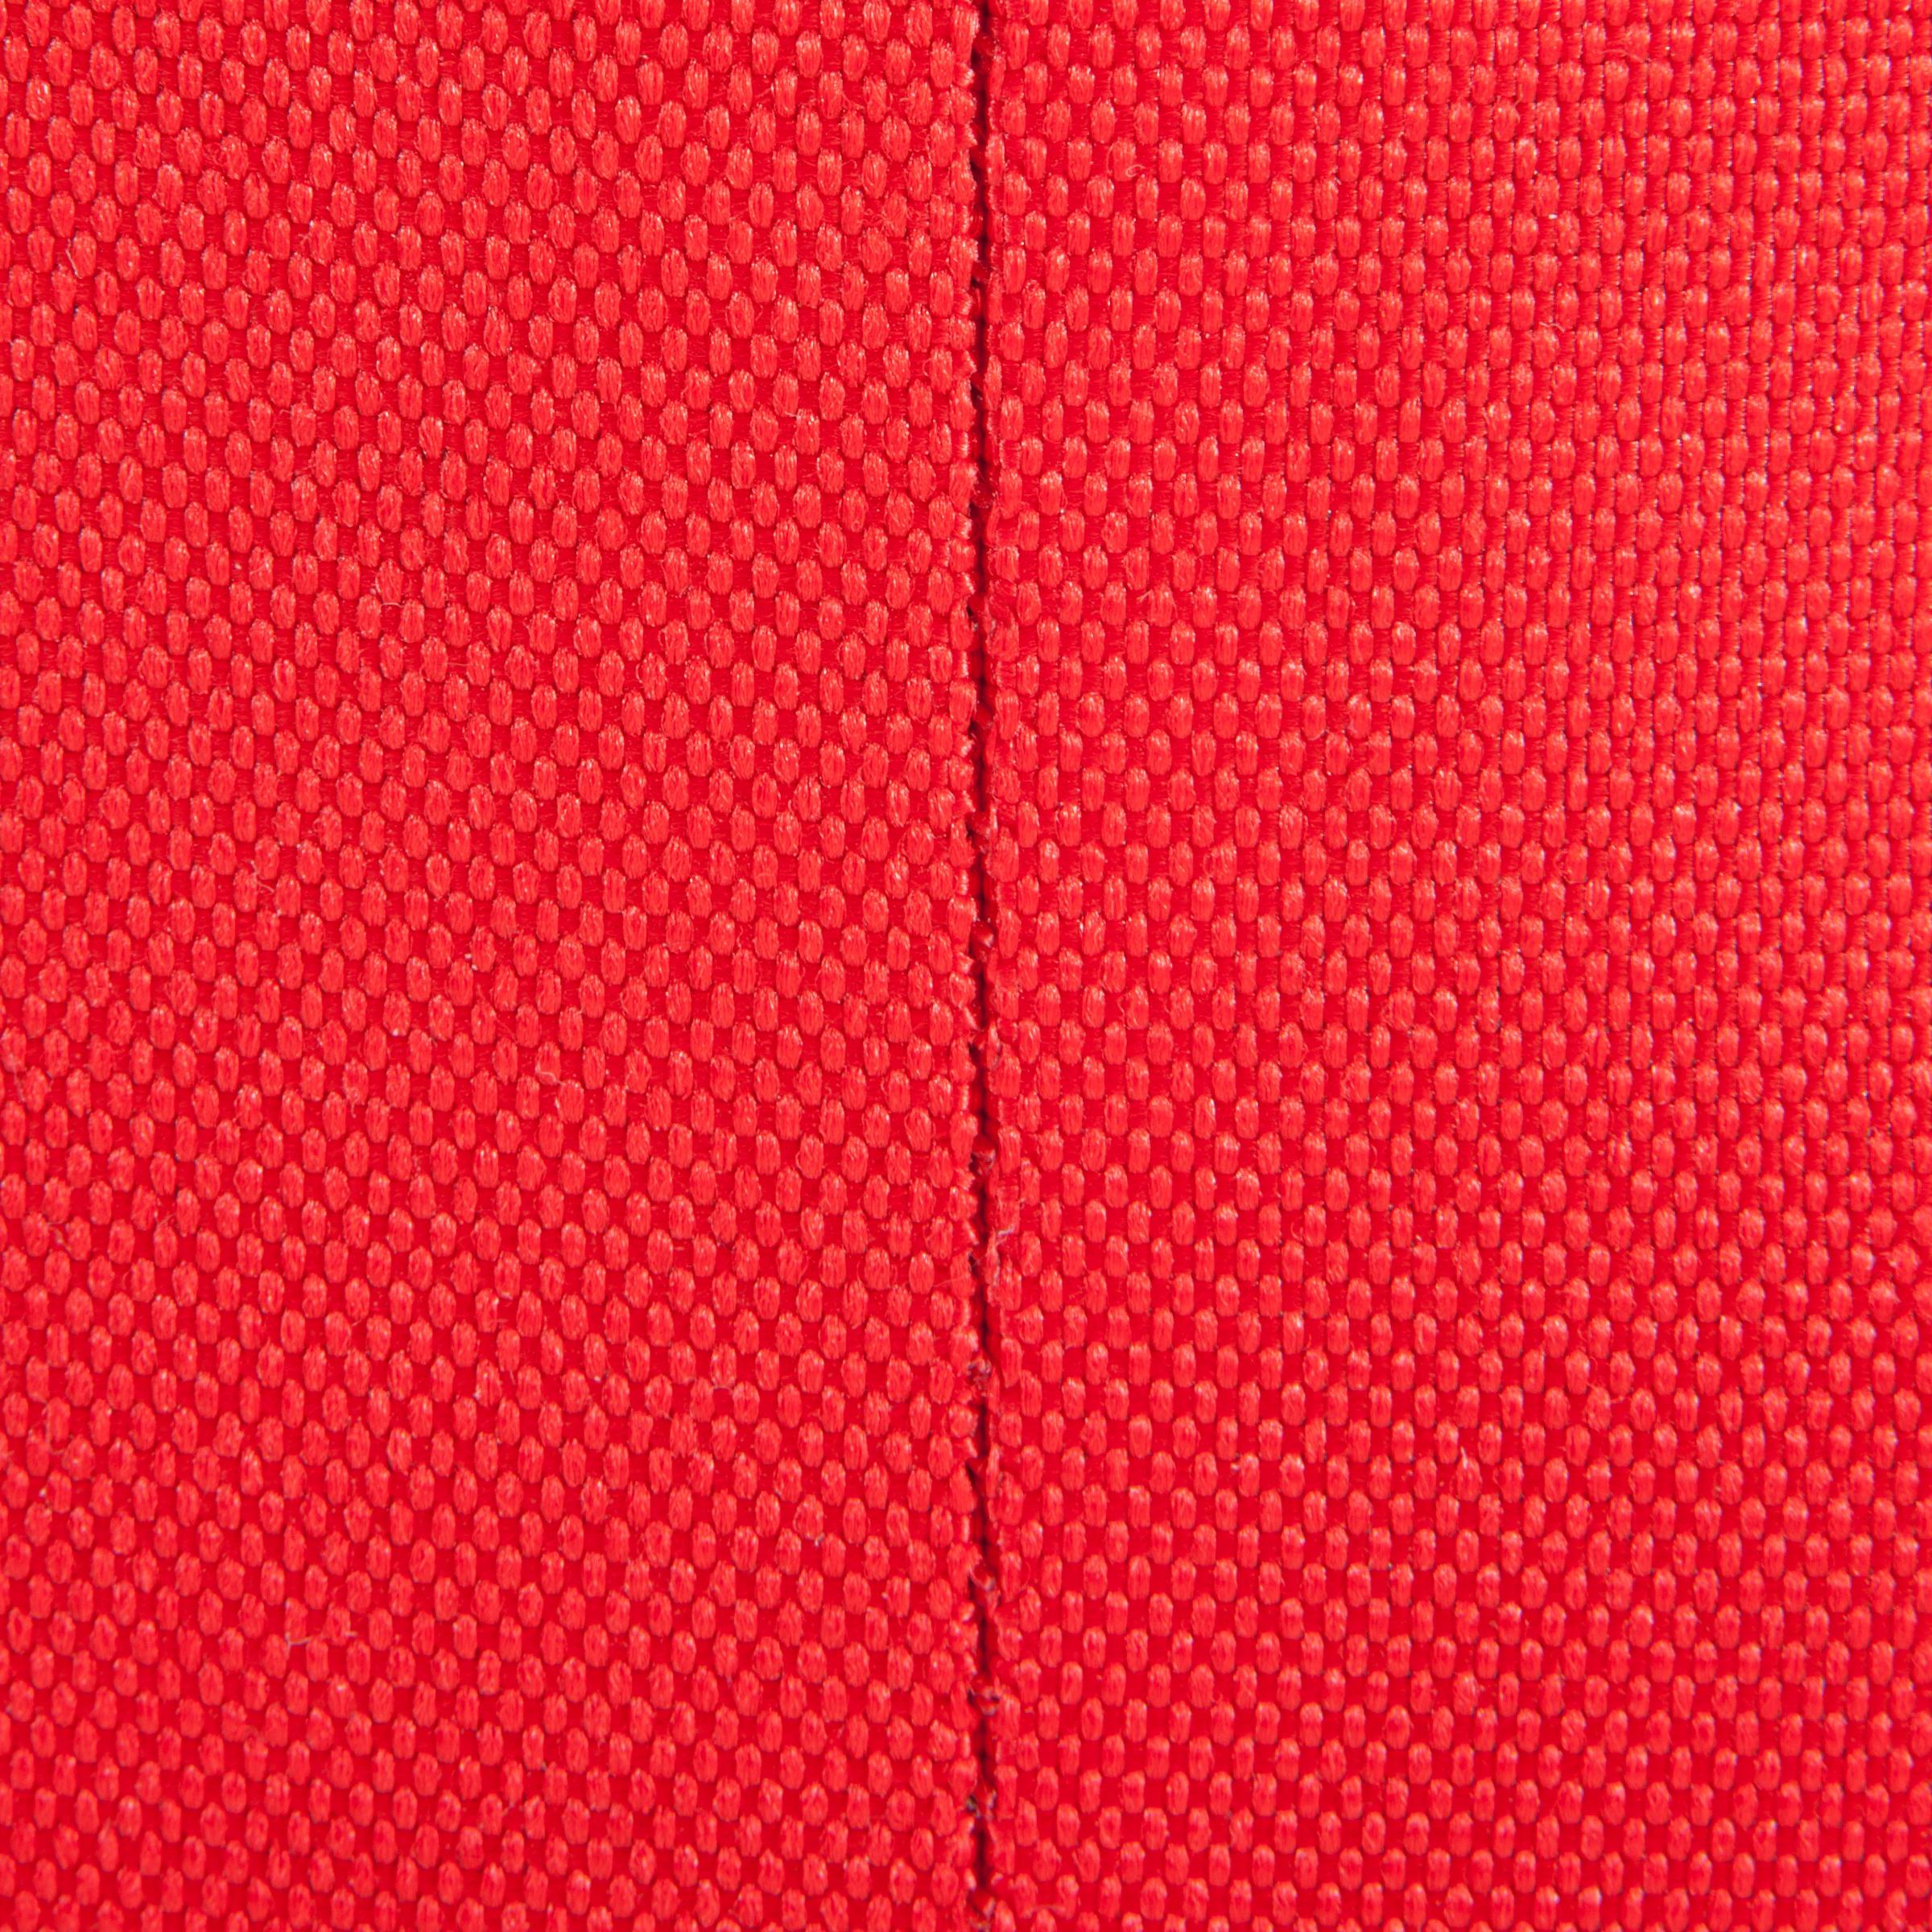 crveni ca kuka gore web stranica za najbolje upoznavanje 2013